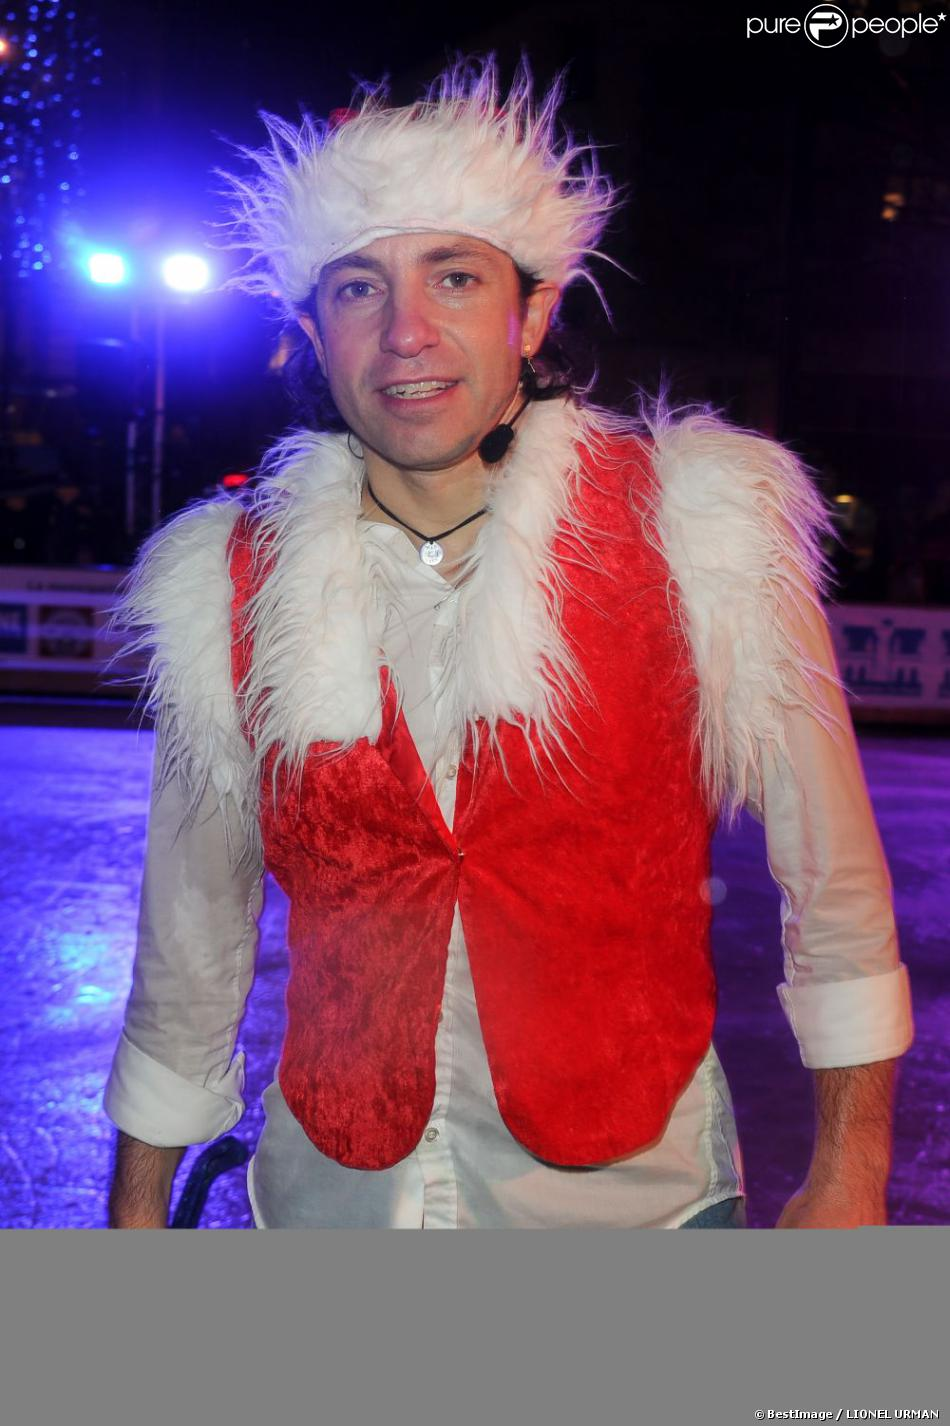 Philippe Candeloro en Père Noël sur la patinoire de Charenton avec sa troupe Candeloro Show Company pour présenter son spectacle  Dancing on Ice  le 19 décembre 2012.